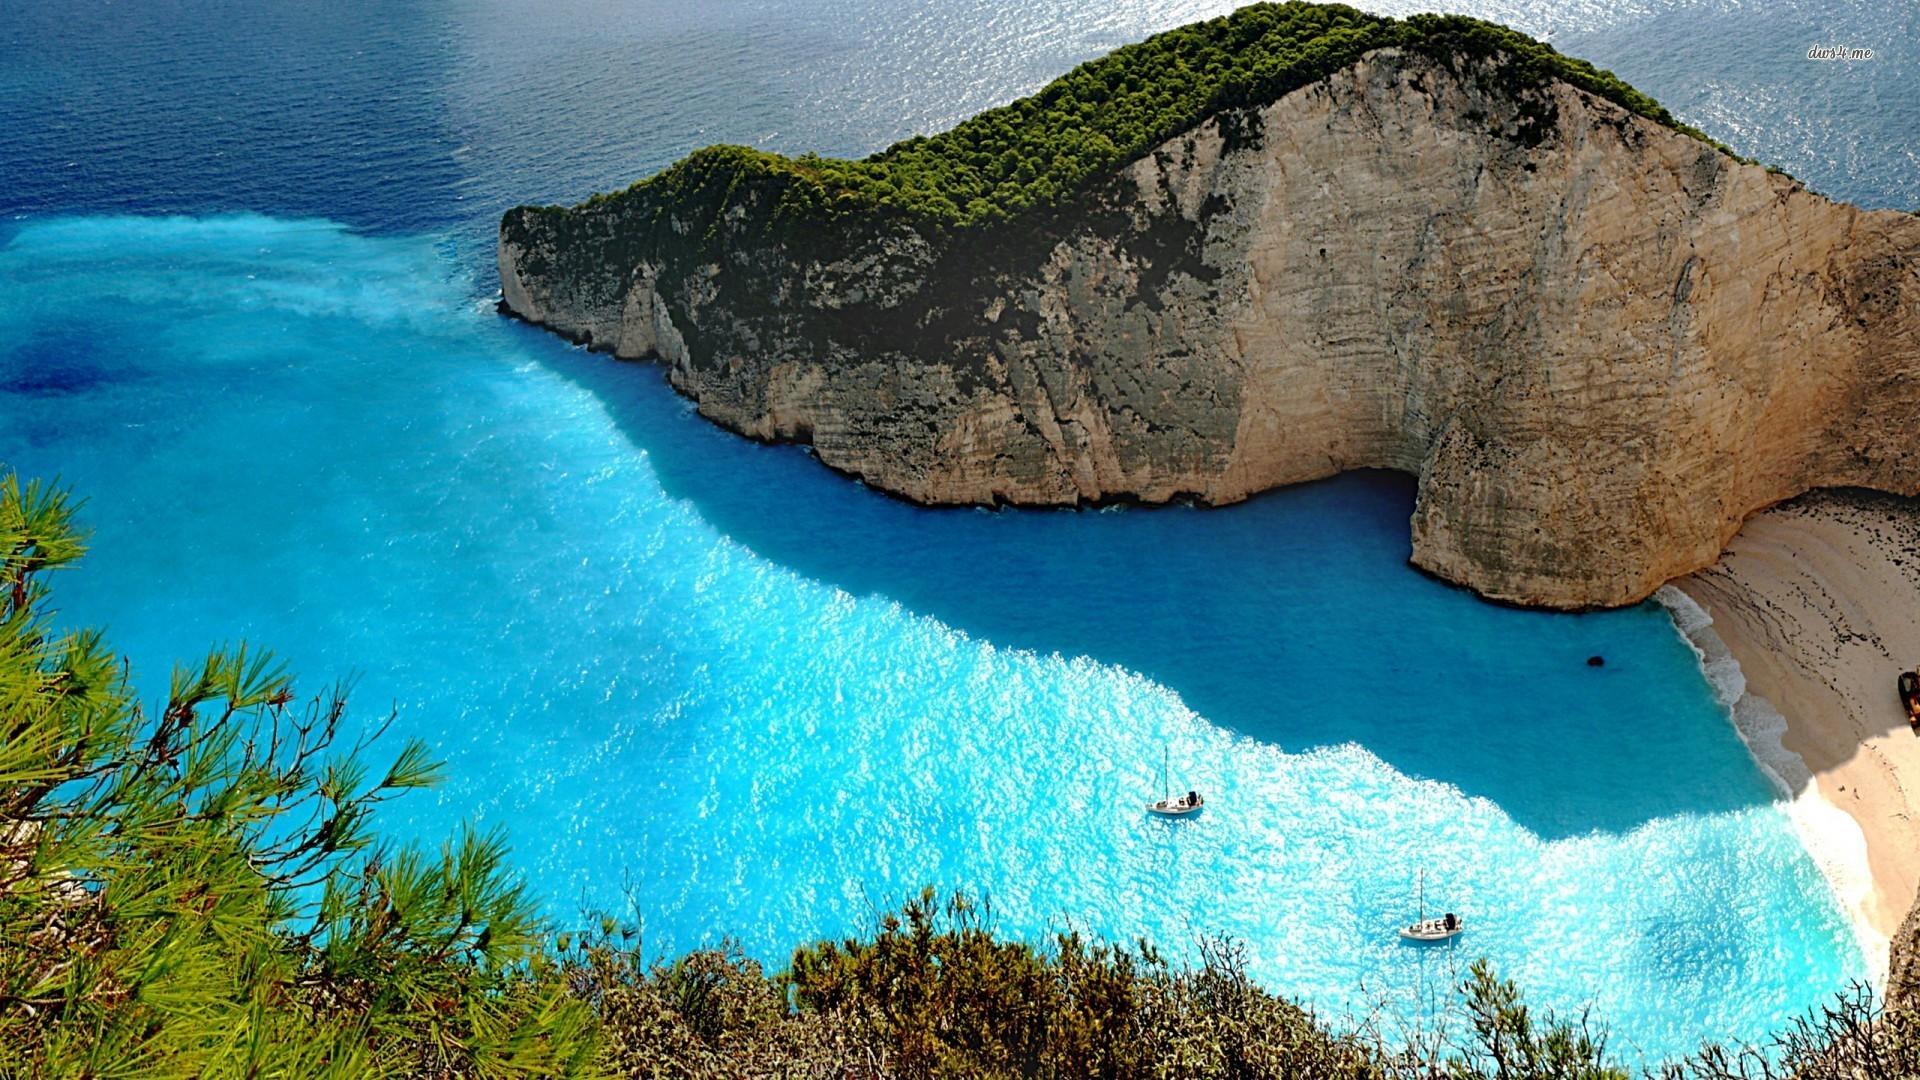 Greece Beach Wallpaper 1080p As Wallpaper HD